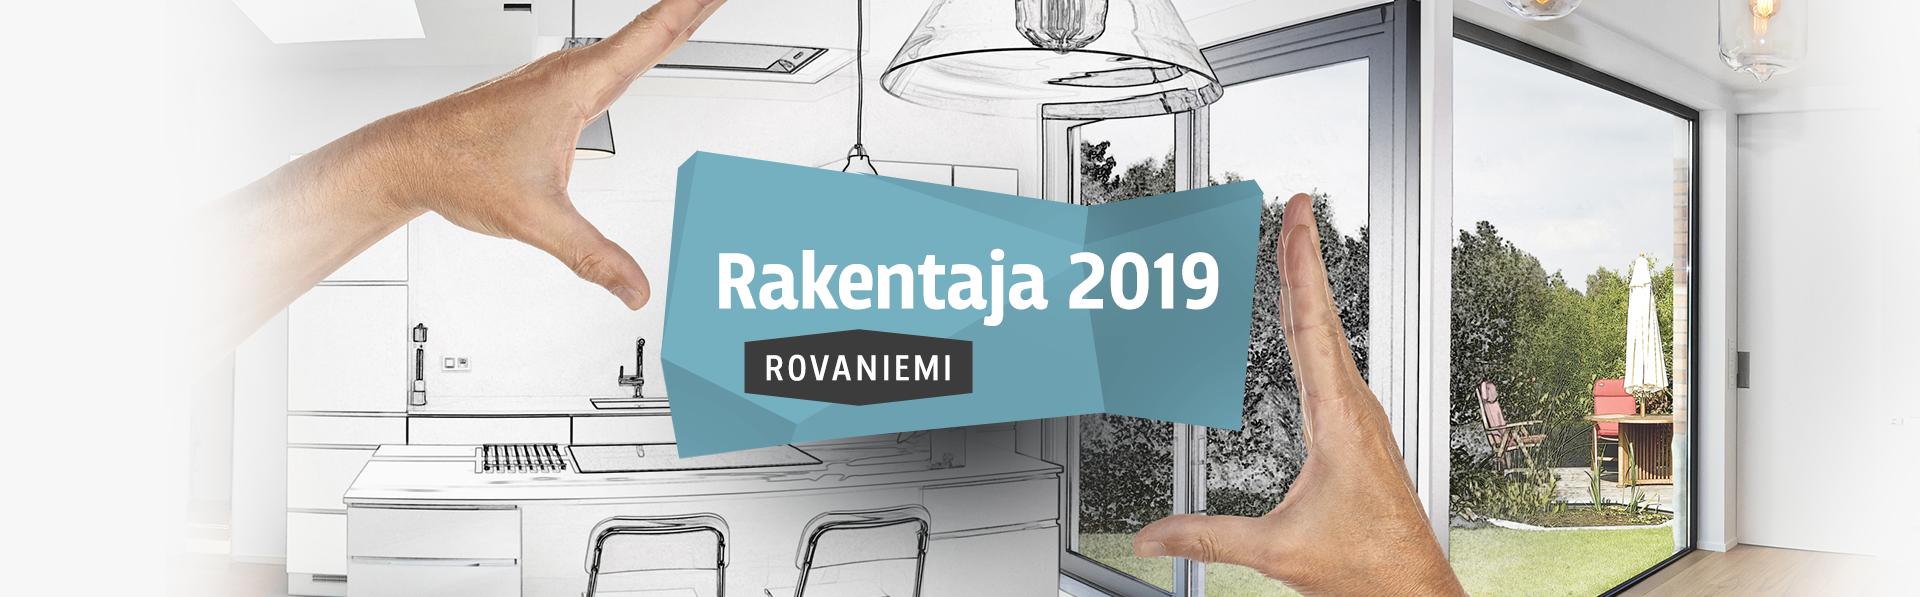 Rakentaja 2019 Rovaniemi